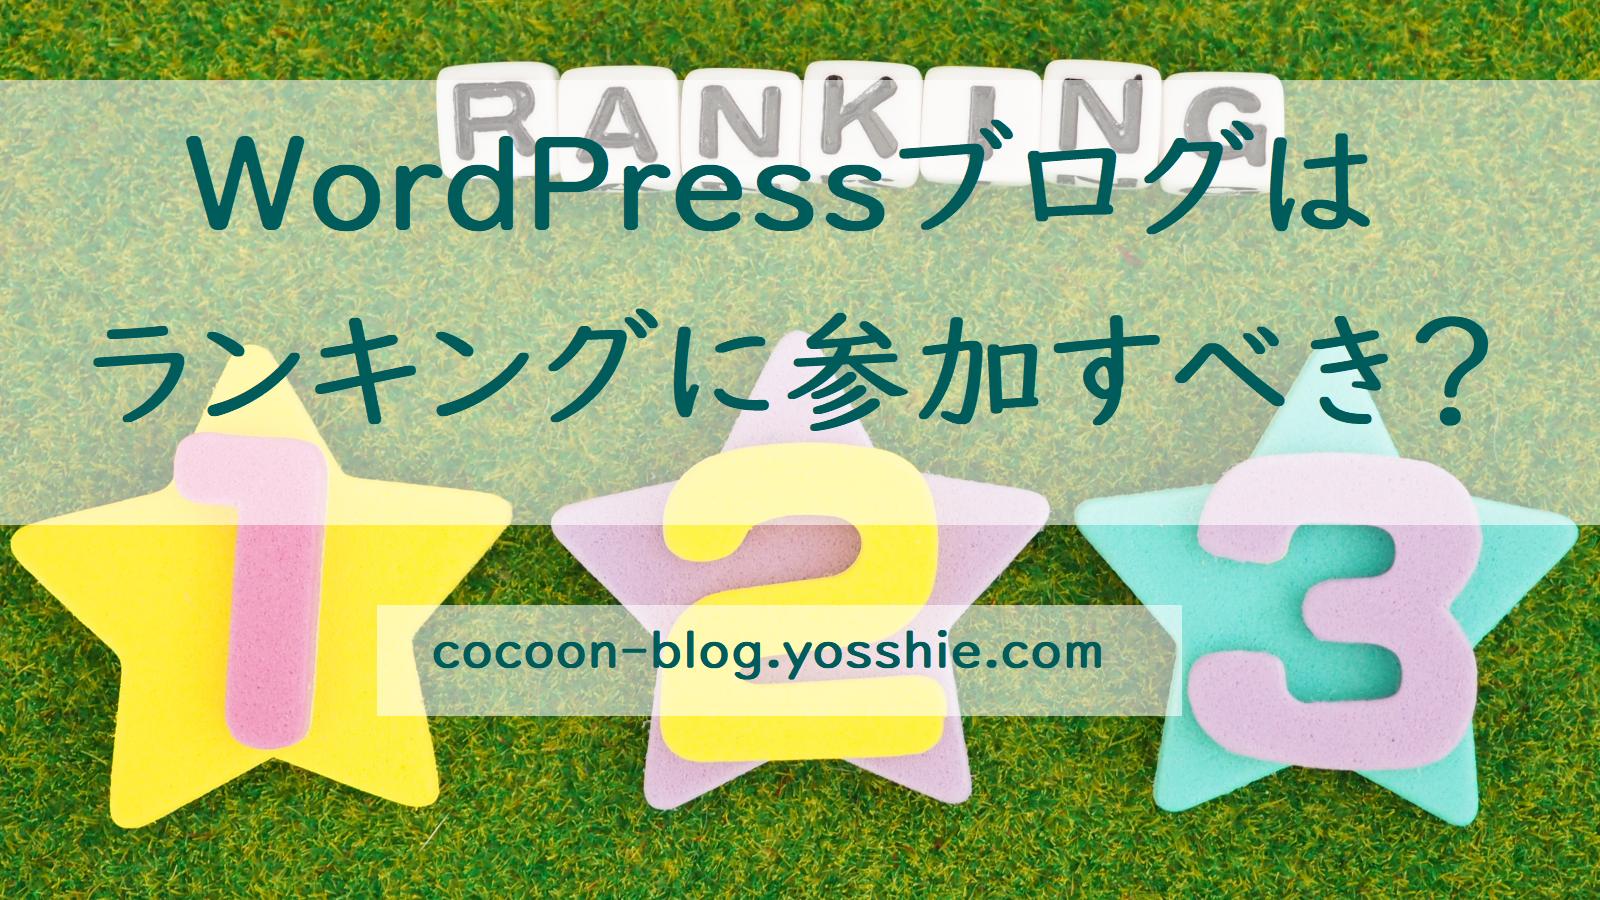 ワードプレスブログはブログランキングに参加すべきか